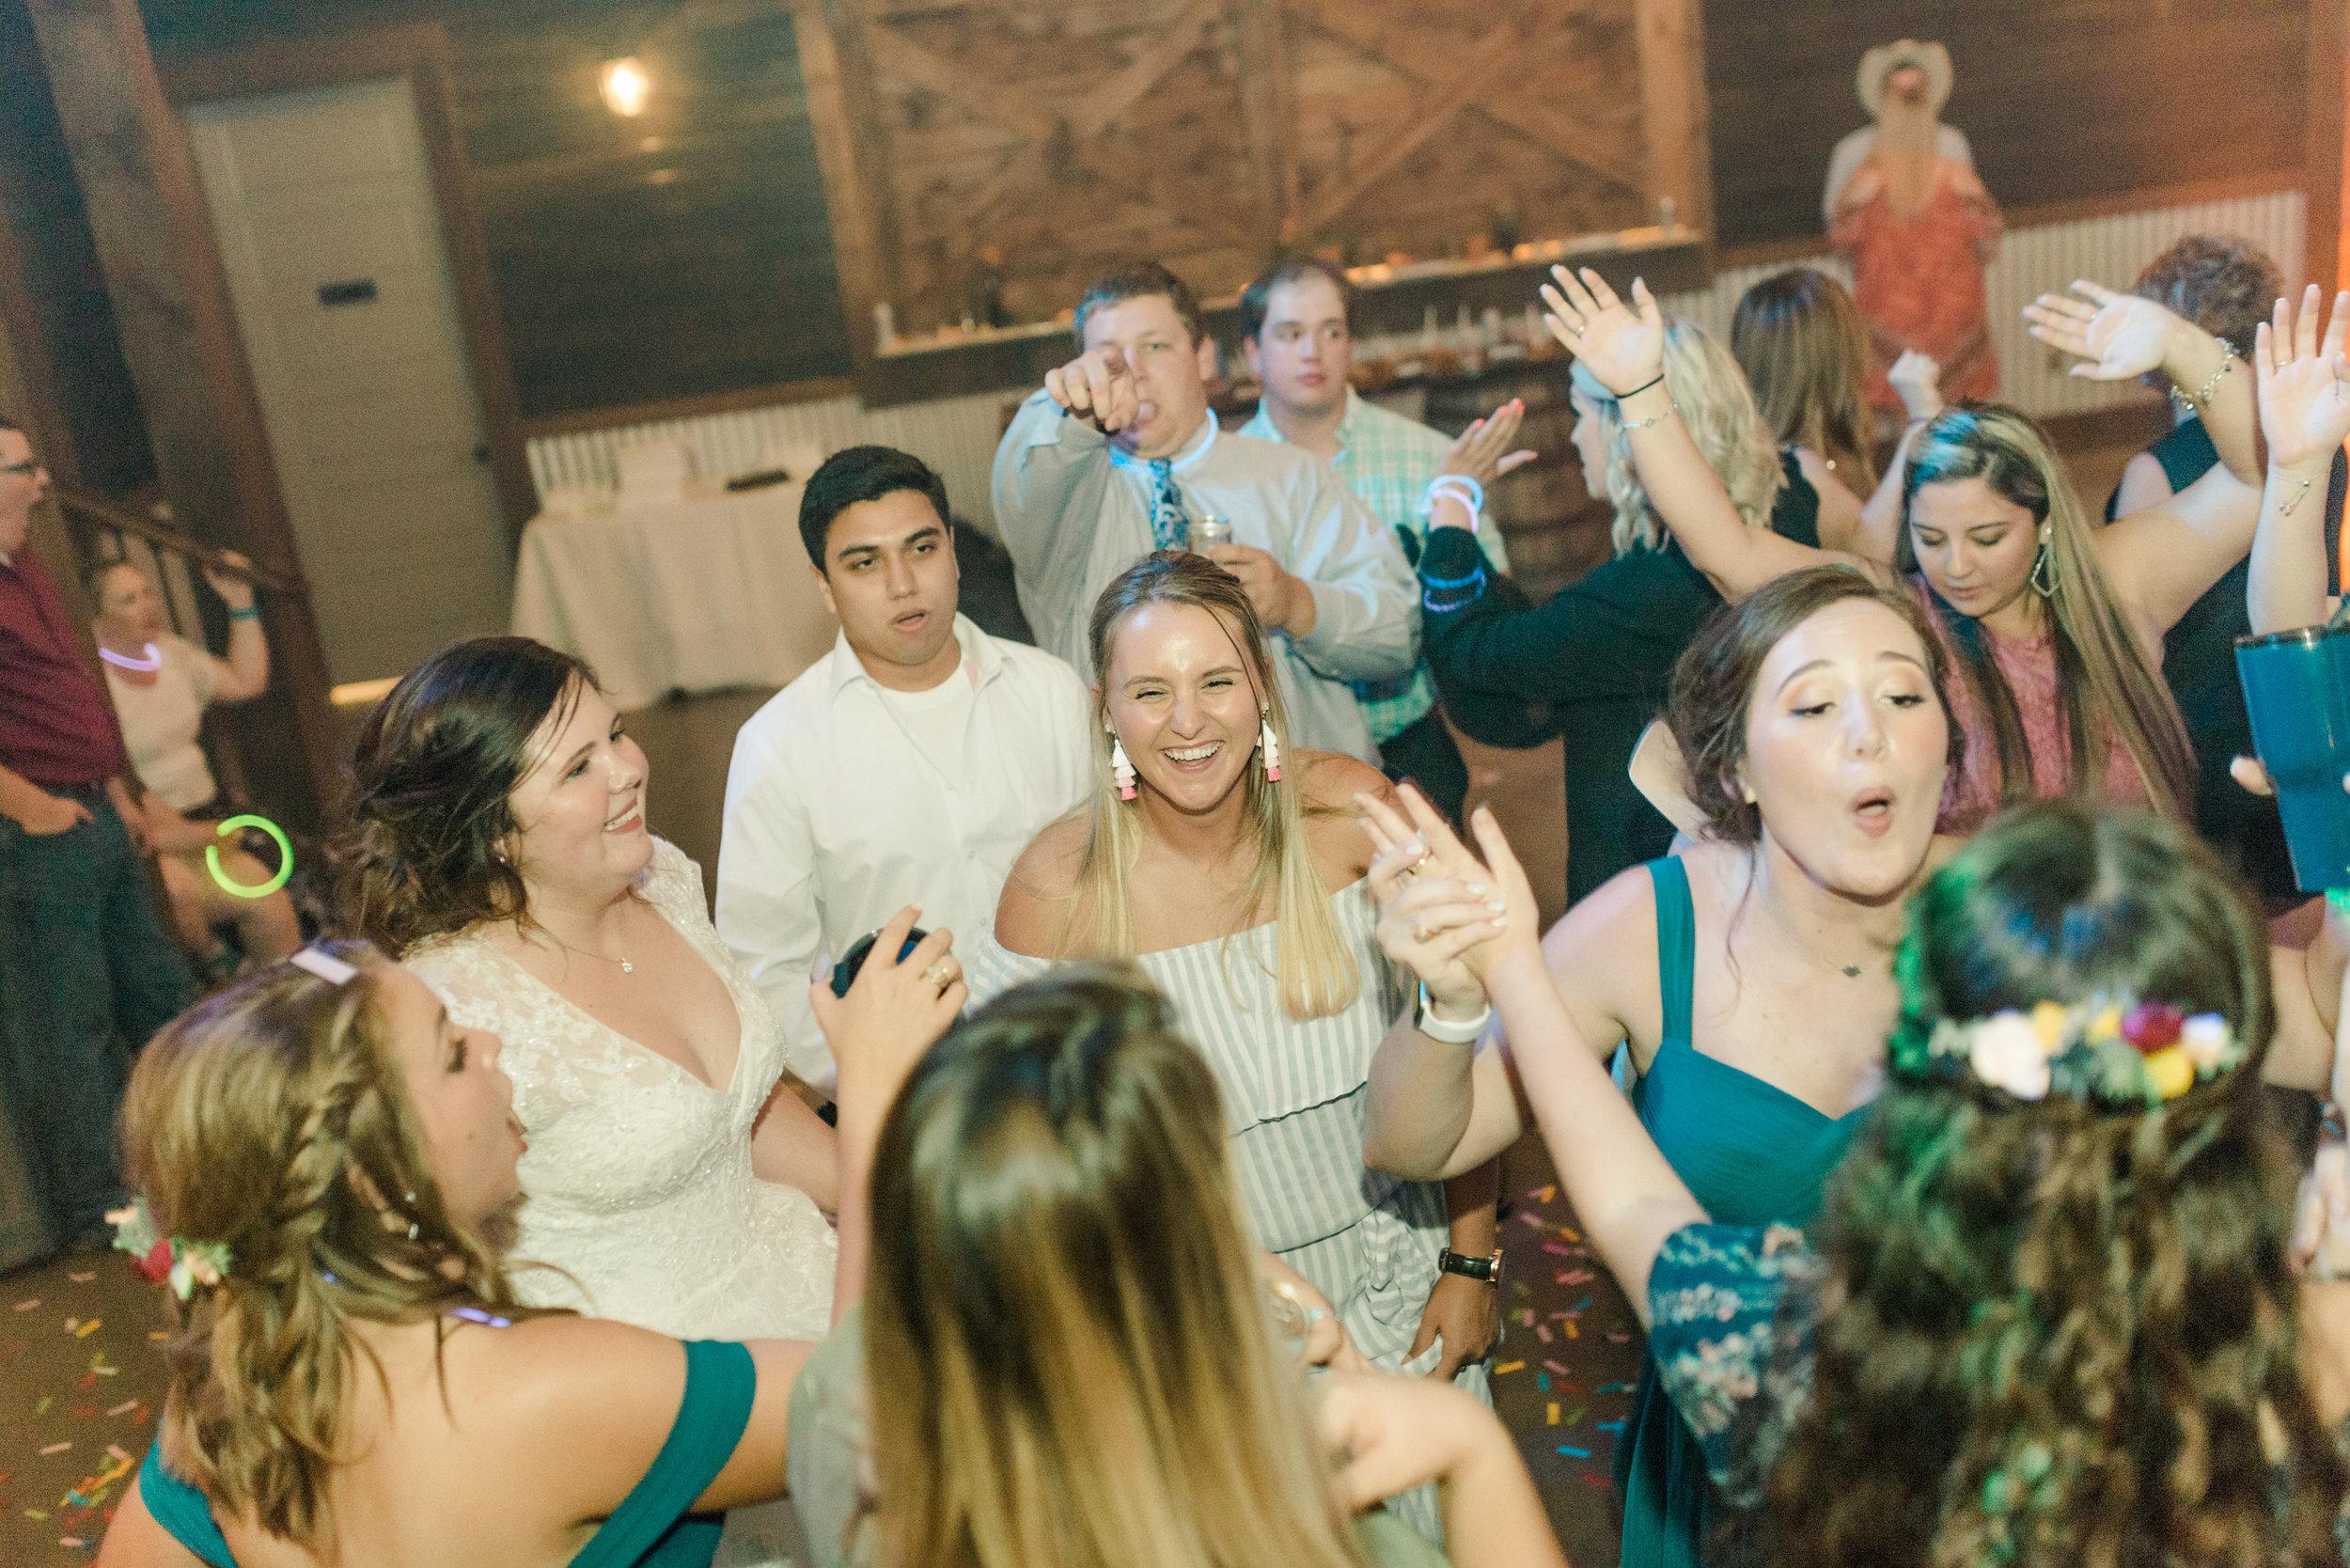 Wesley-Wedding-Ten23-Photography-831.jpg